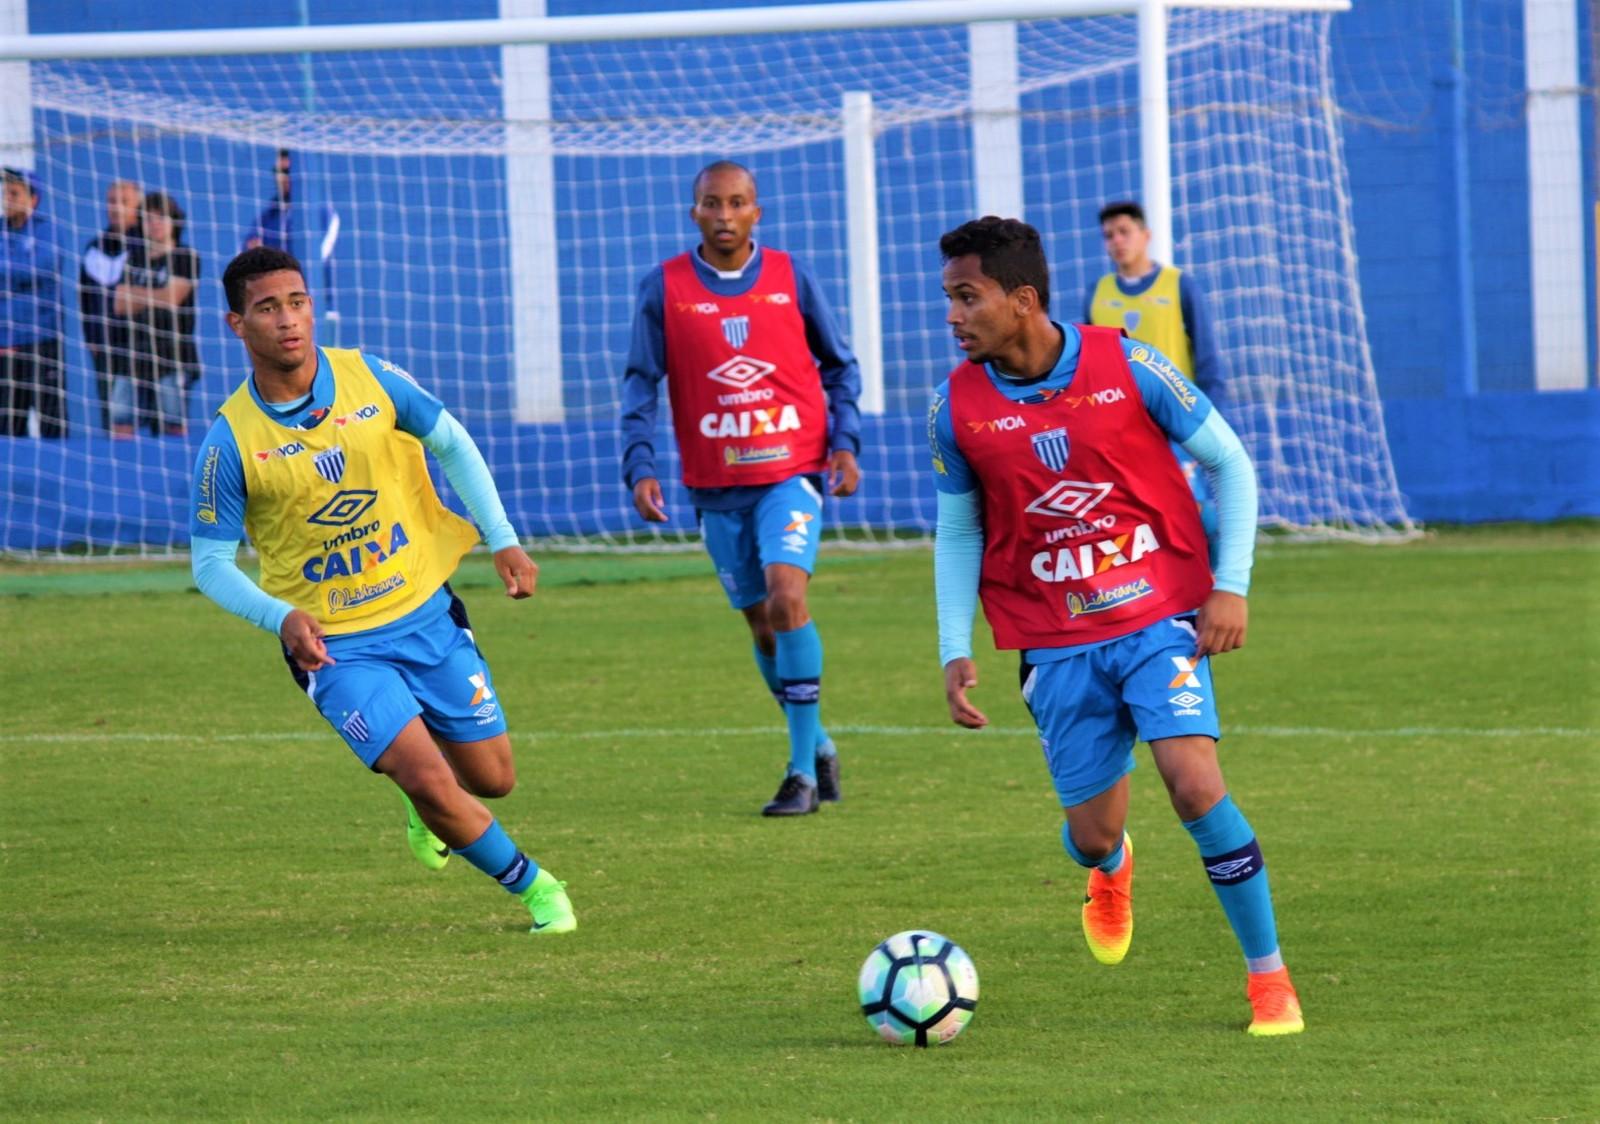 Os treinos começaram forte nesta sexta feira, Luan ariquemense de colete amarelo treina forte (Foto:  AndrÃĩ Palma Ribeiro/Avaí F. C.)